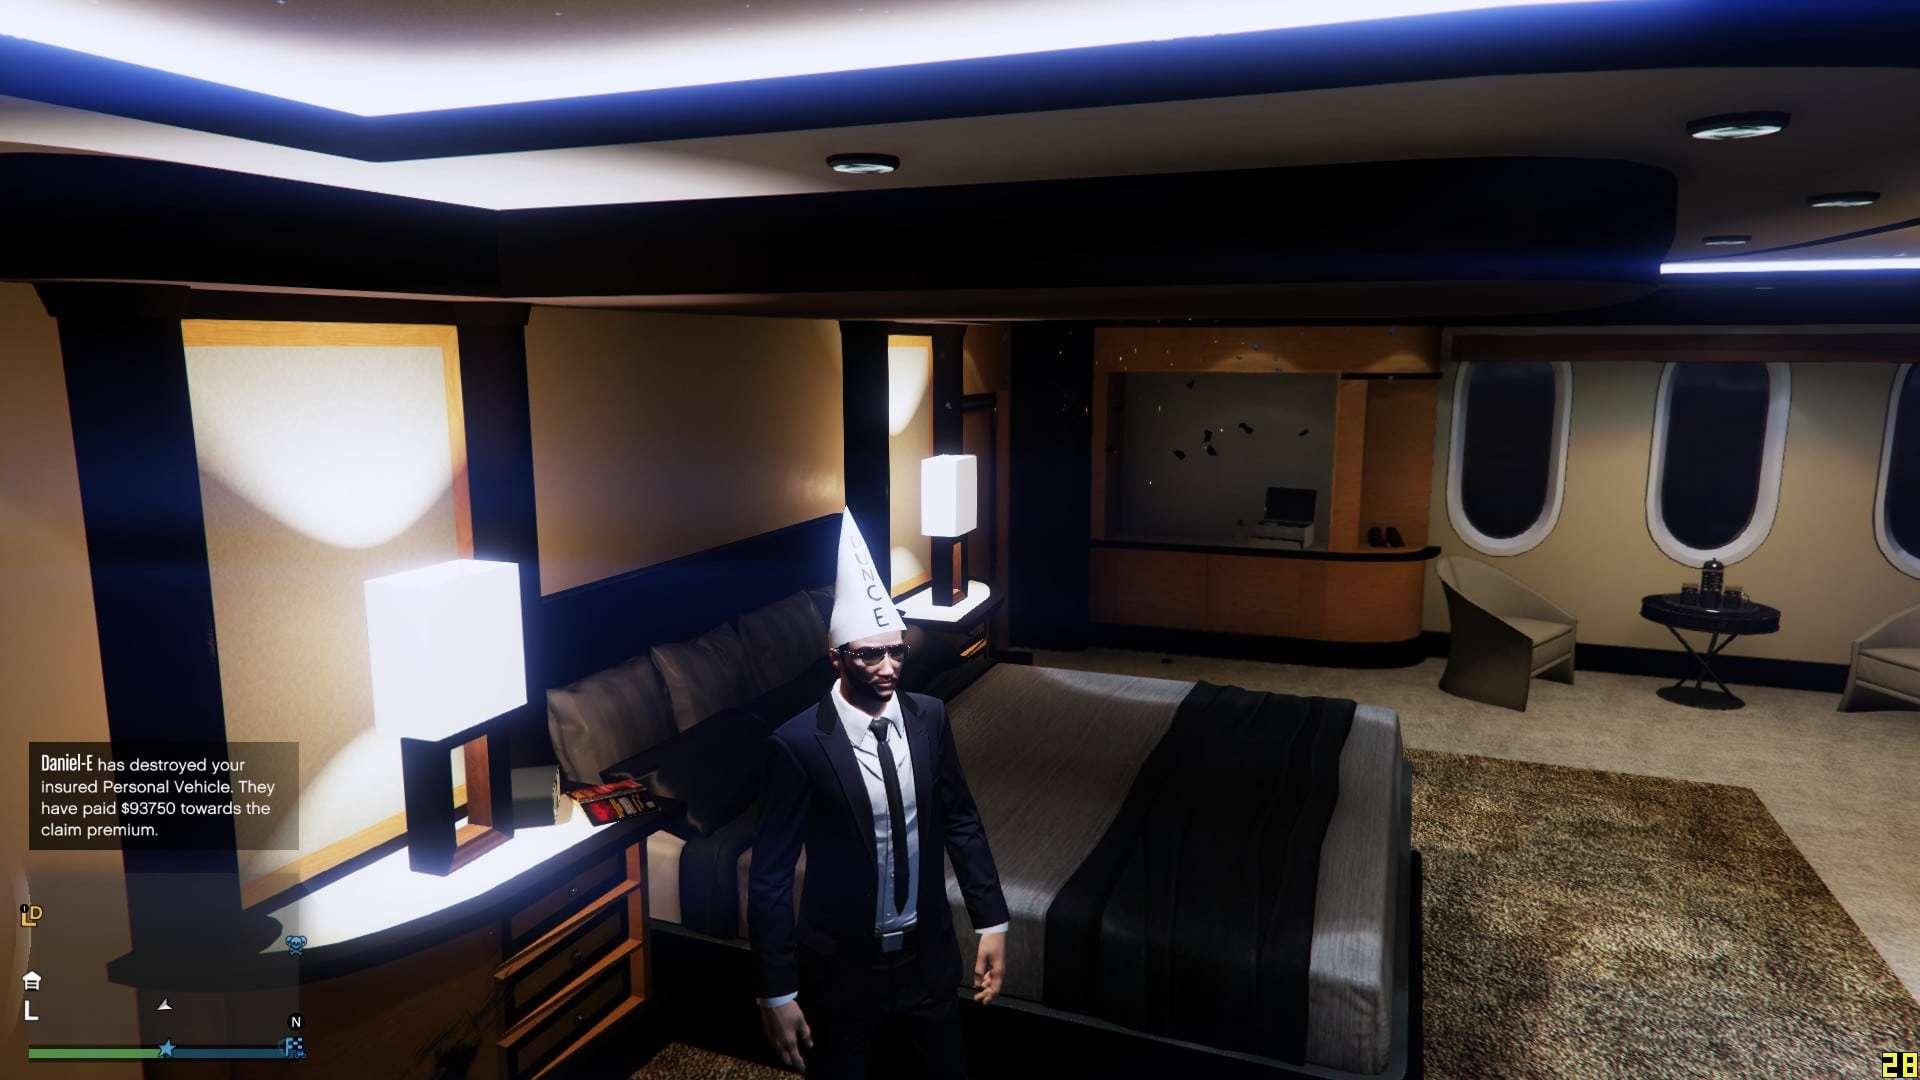 GTA Online's Hacker Problem Might Be Its Downfall - GTA BOOM